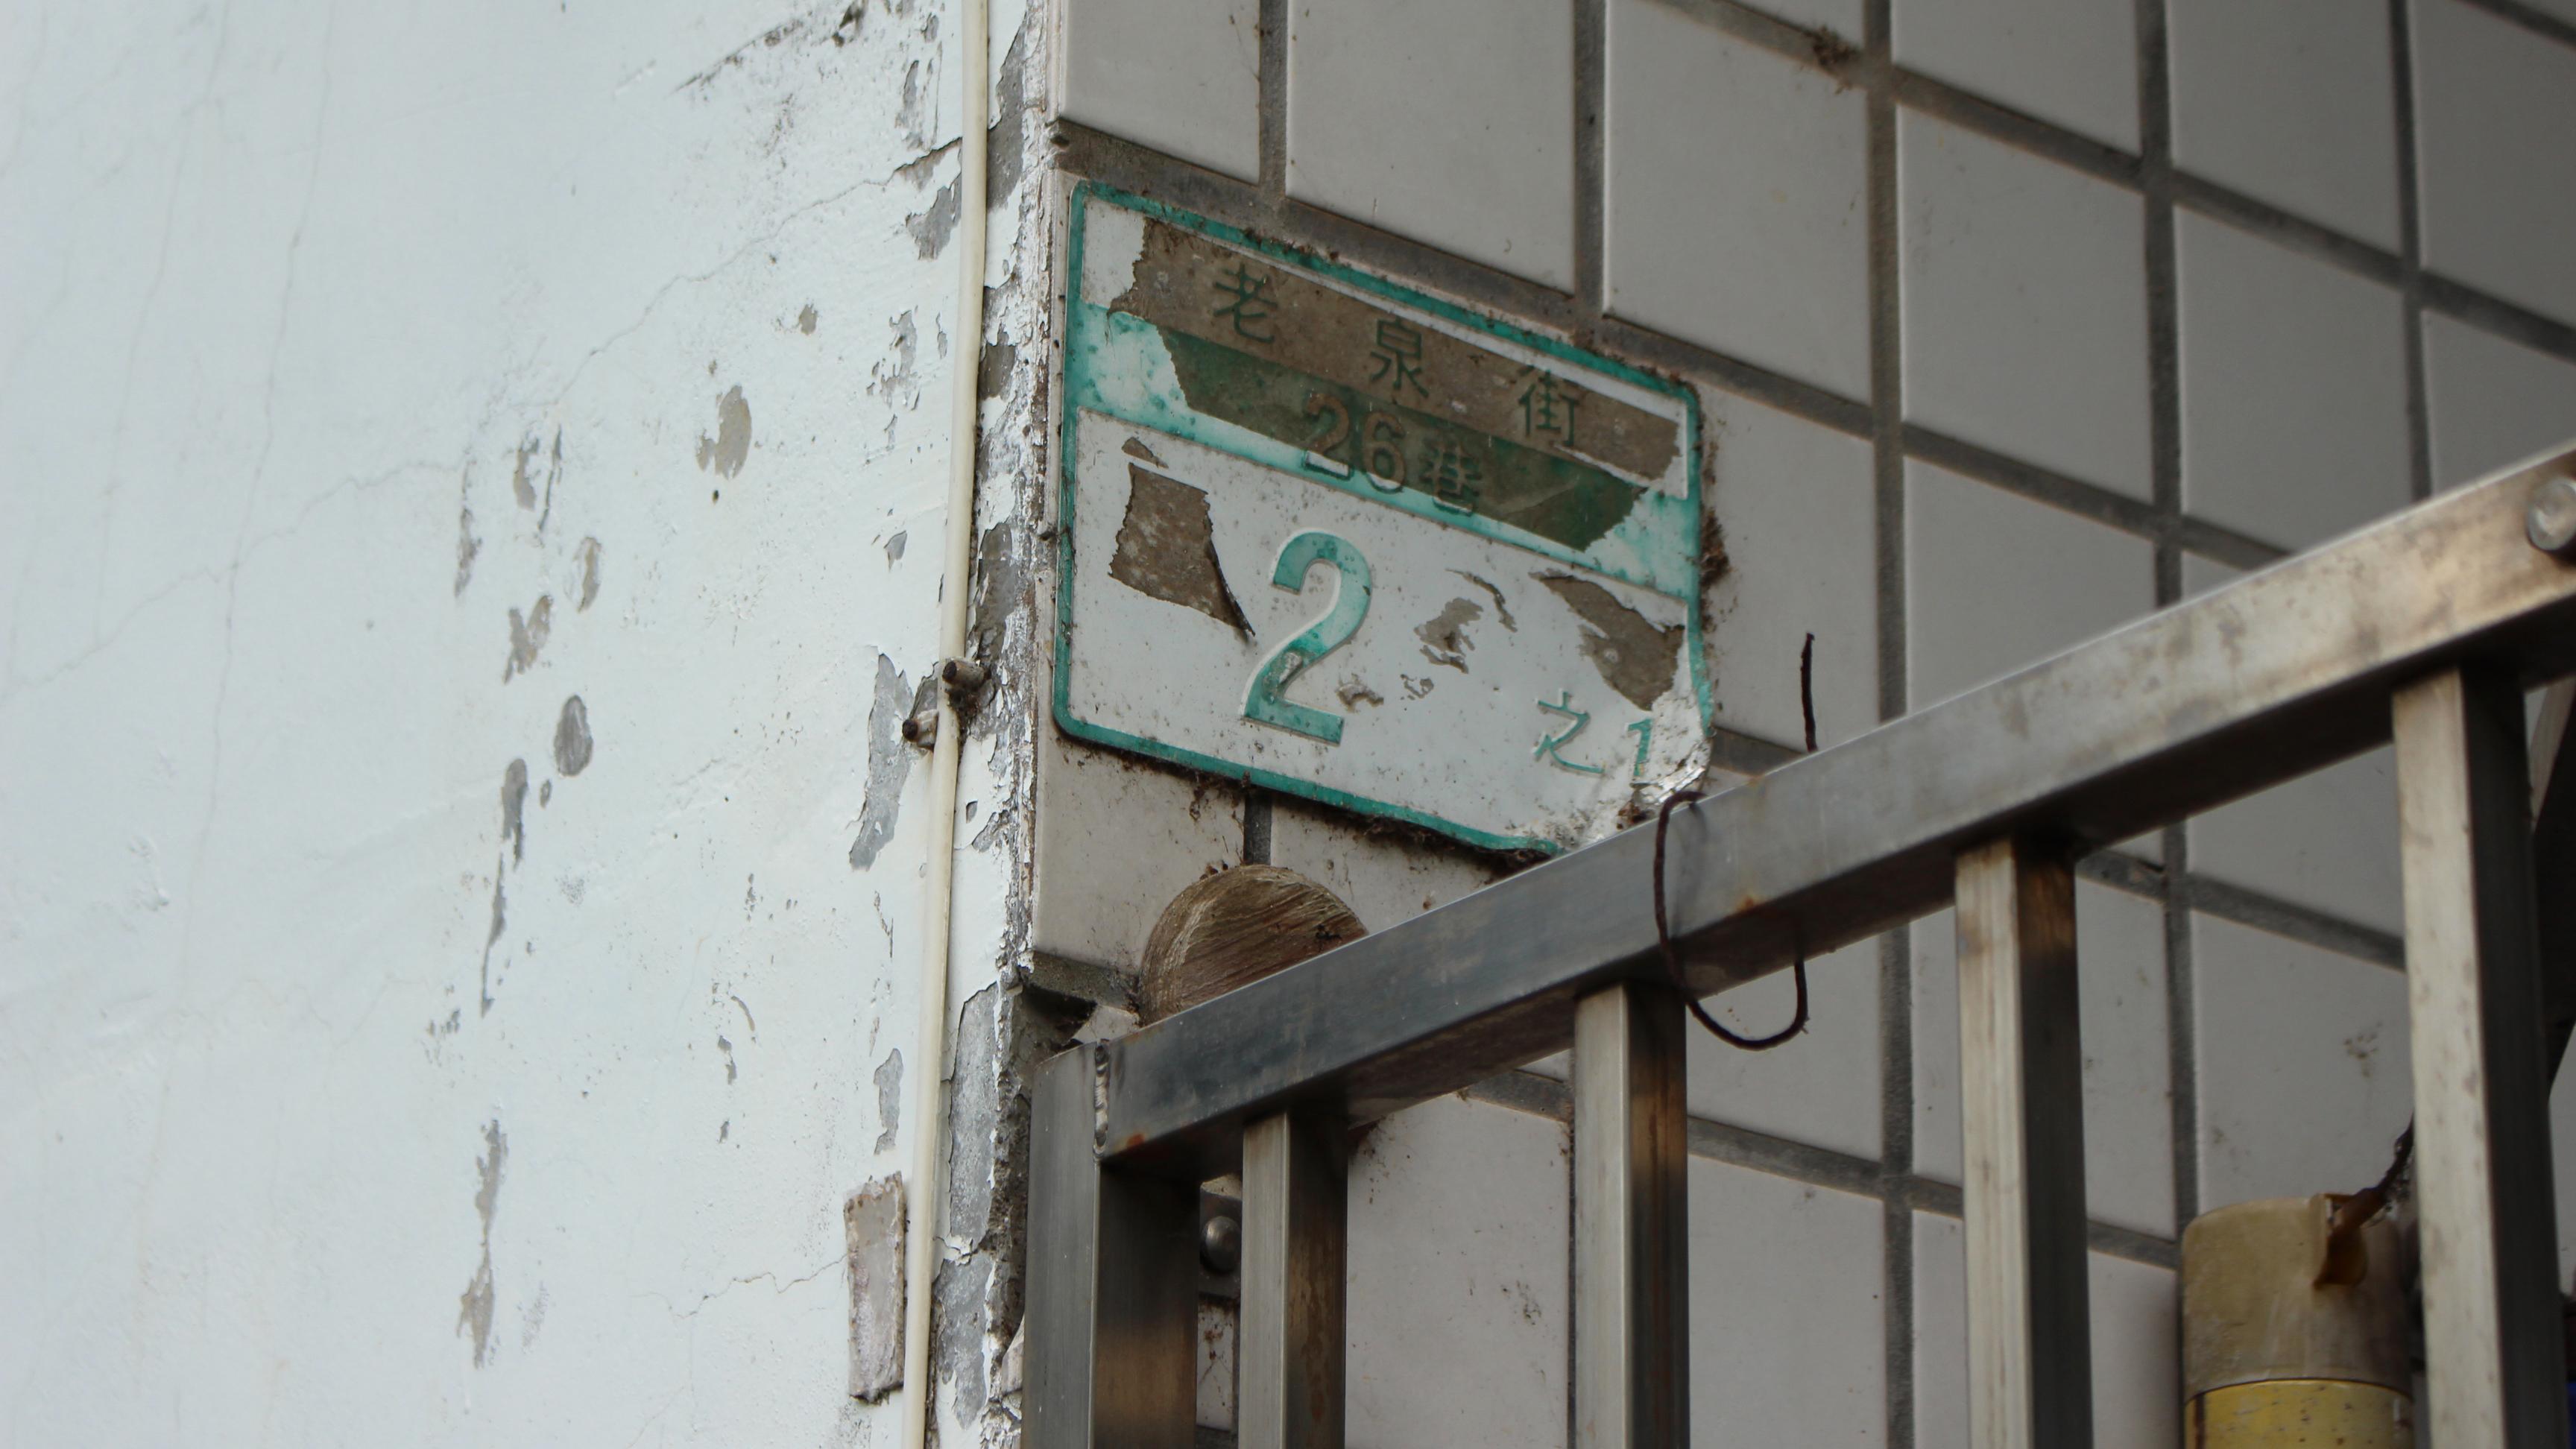 老泉里門牌老舊、生鏽且標示不清。